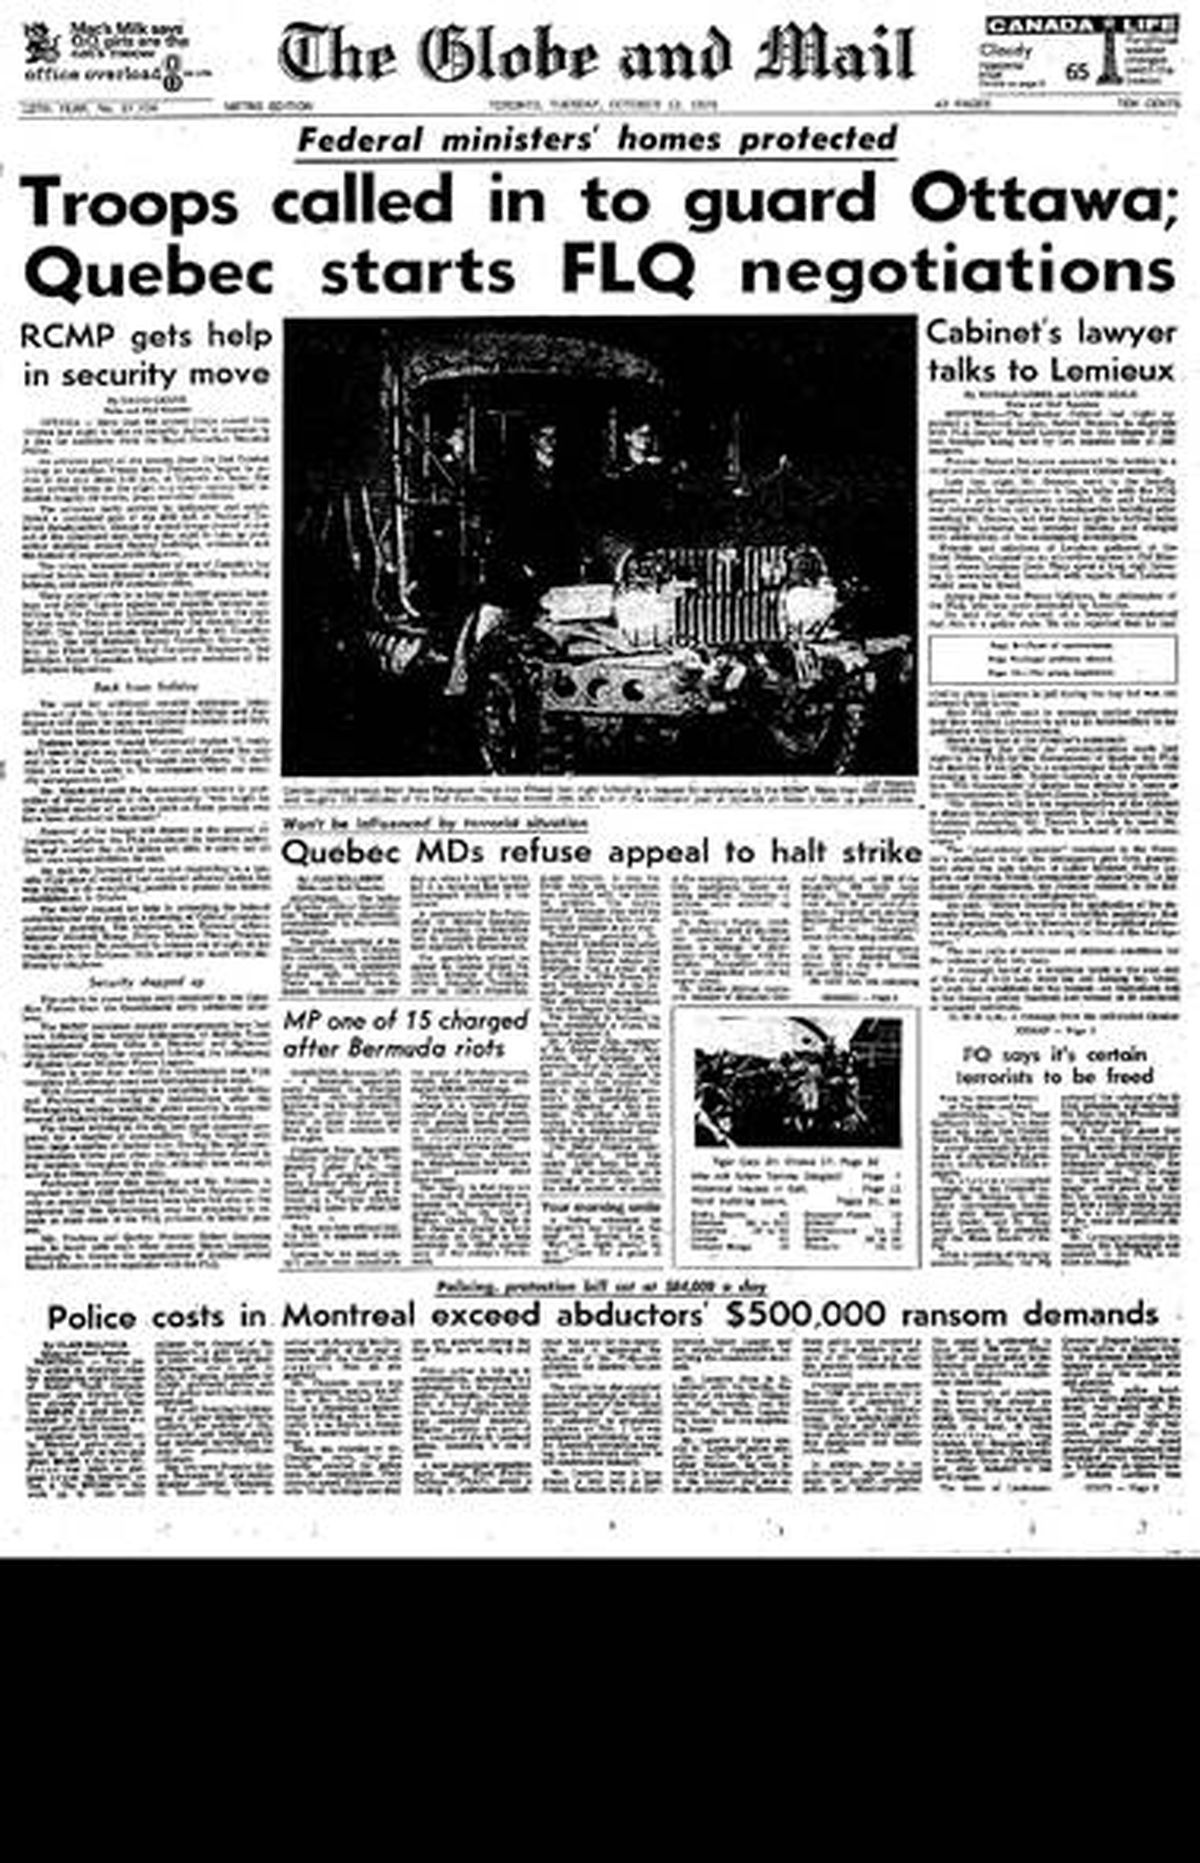 Oct. 13, 1970.